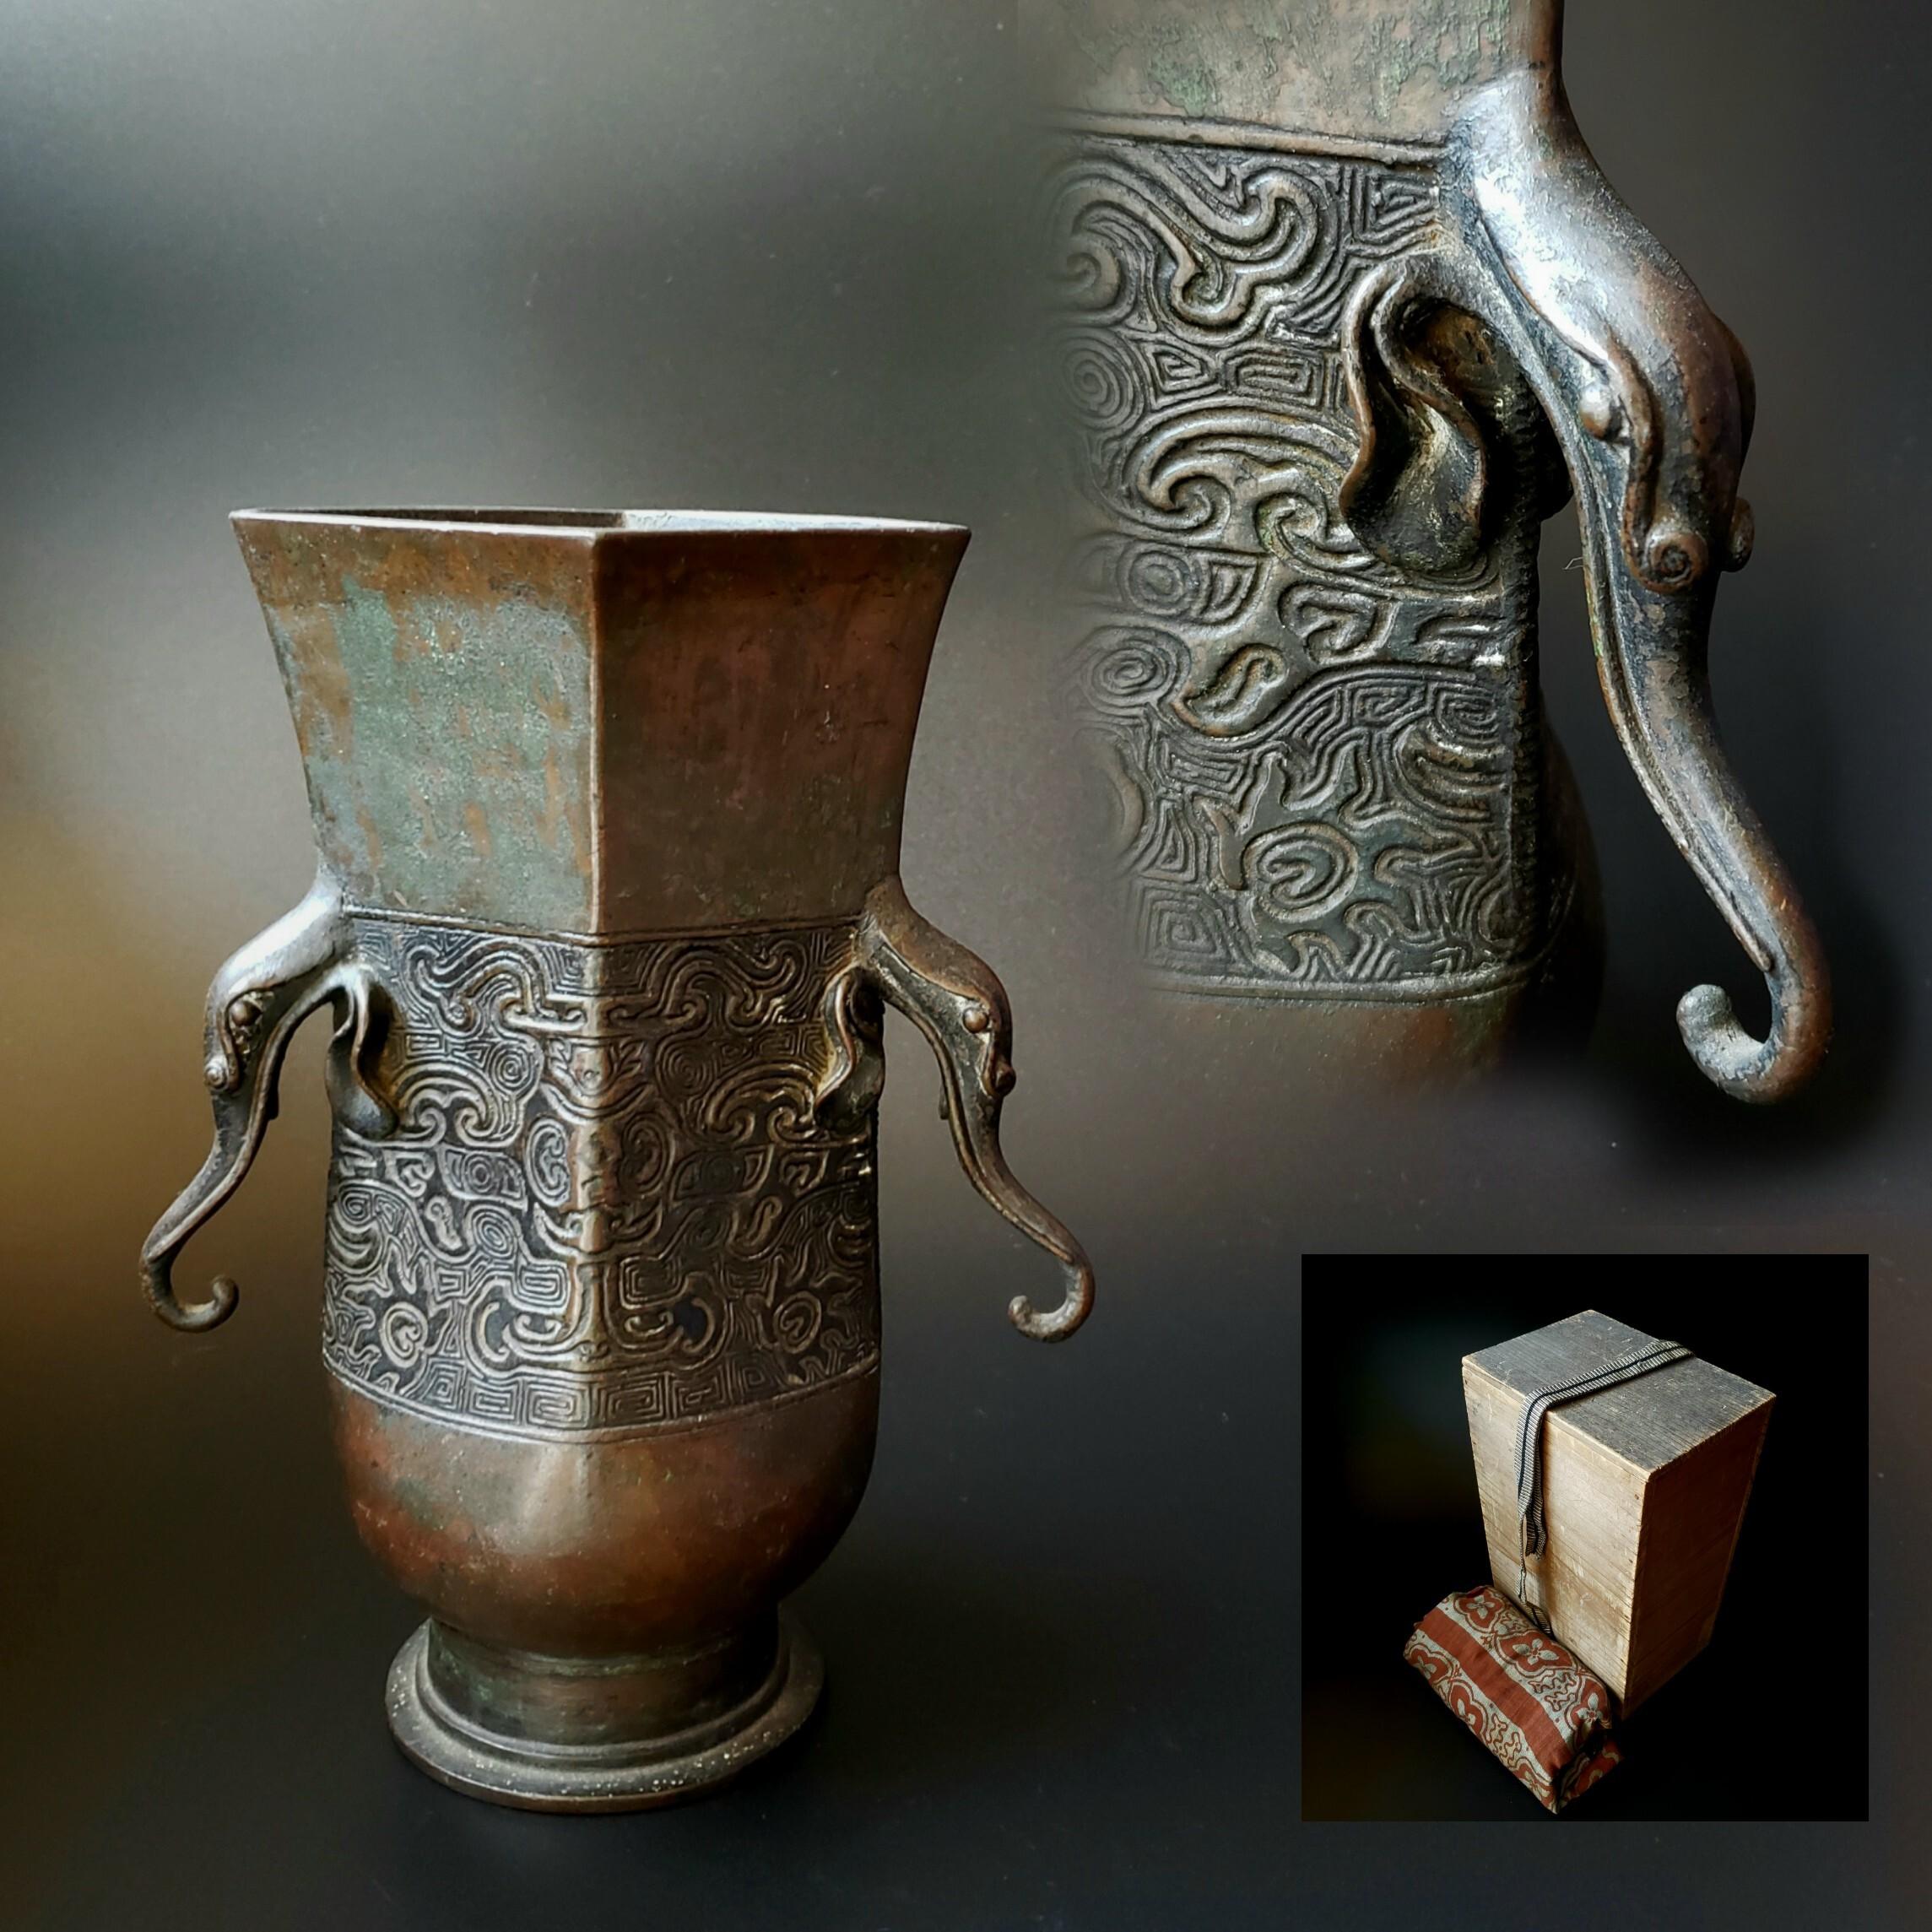 時代 茶道具 古銅 口菱 象耳 花入 唐物 伝来品 古美術 アンティーク 骨董 花器 美術品